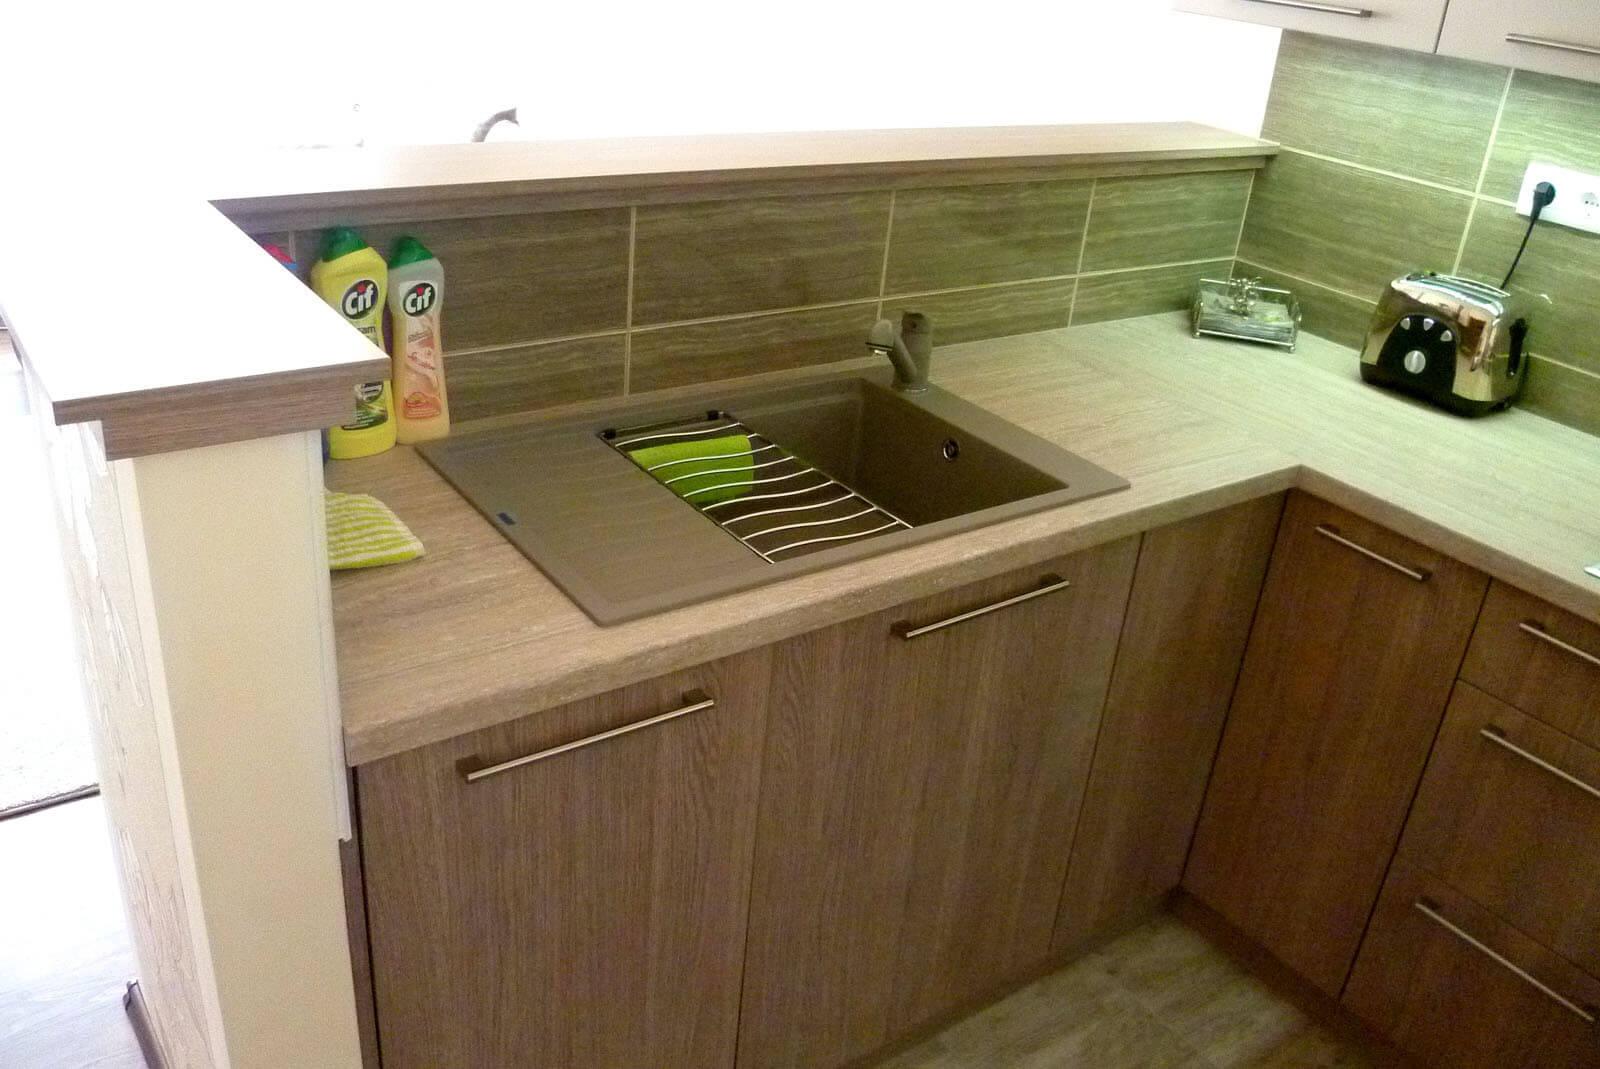 Konyhabútor készítés L-alakban, felnyíló ajtókkal, blanco silgranit mosogatótálcával